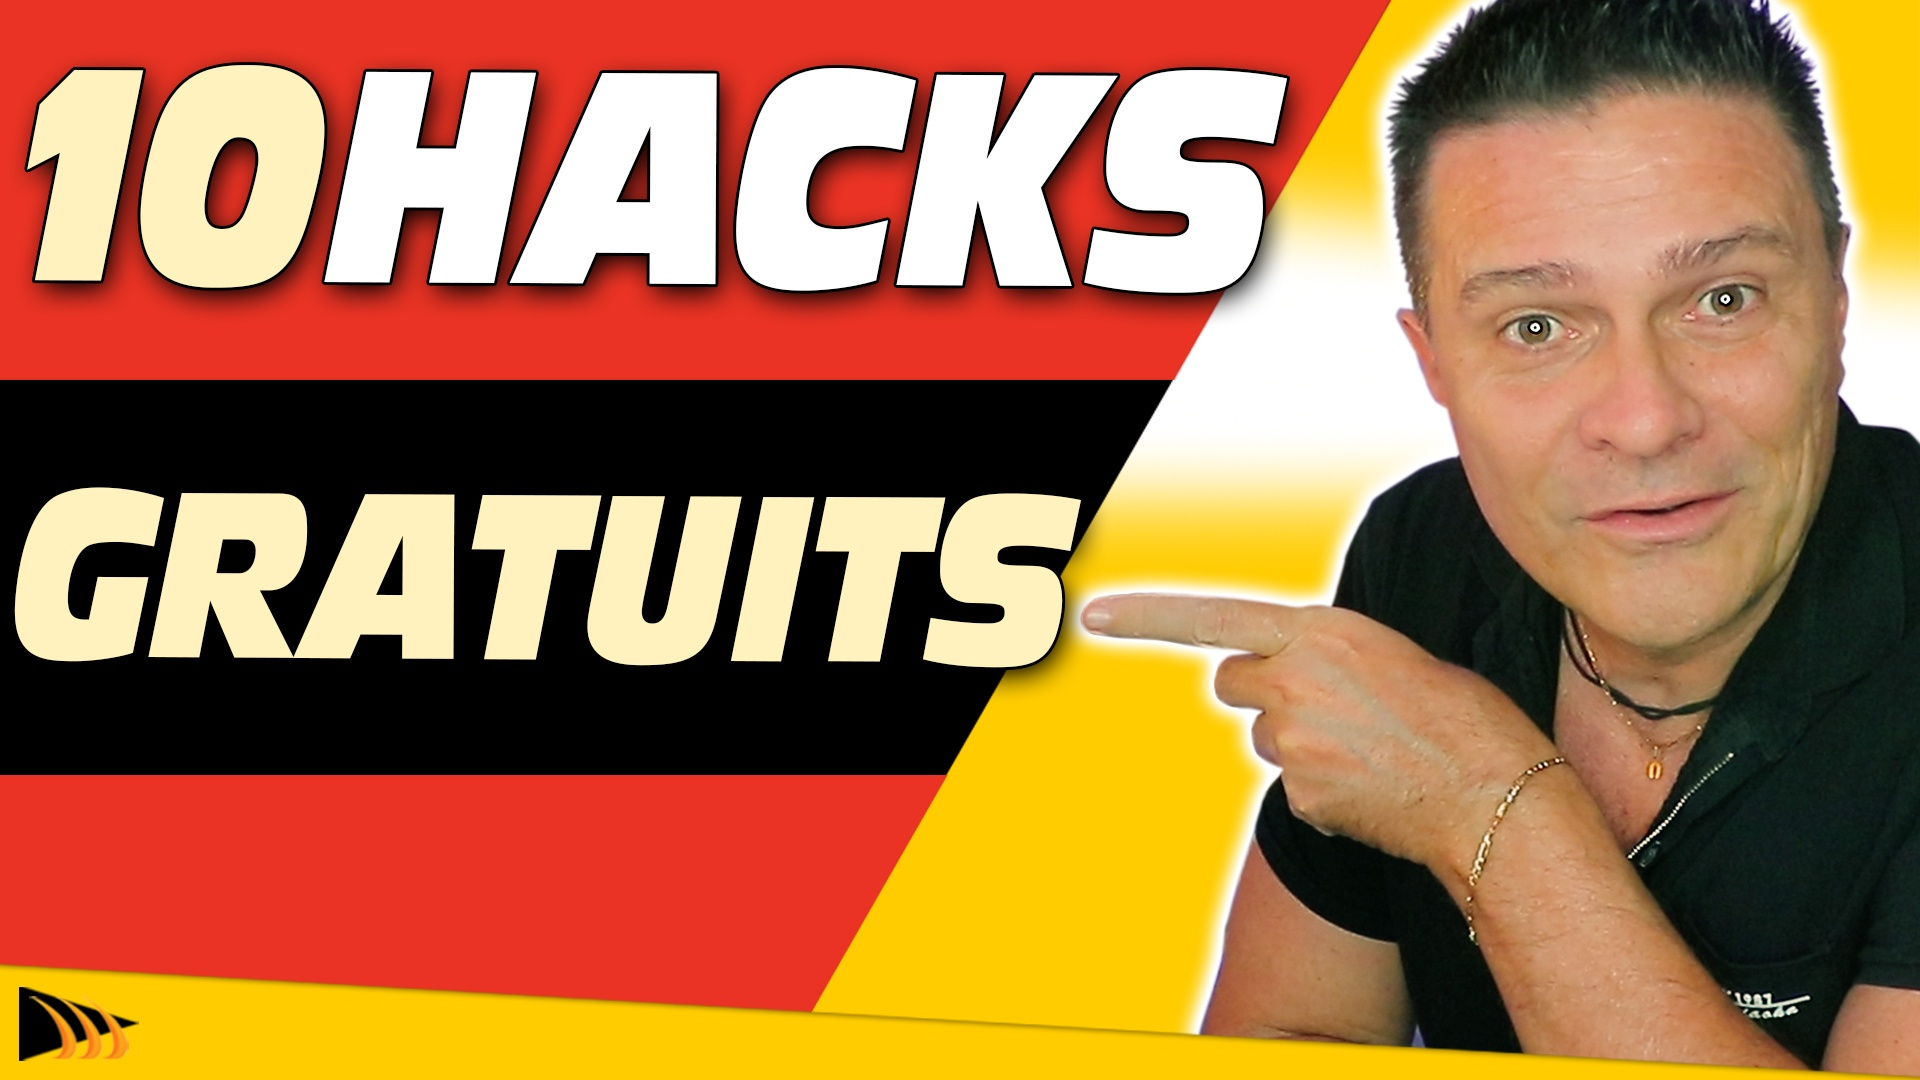 Comment Utiliser YOUTUBE CREATOR STUDIO - 10 Hacks plus de vues, plus d'abonnés